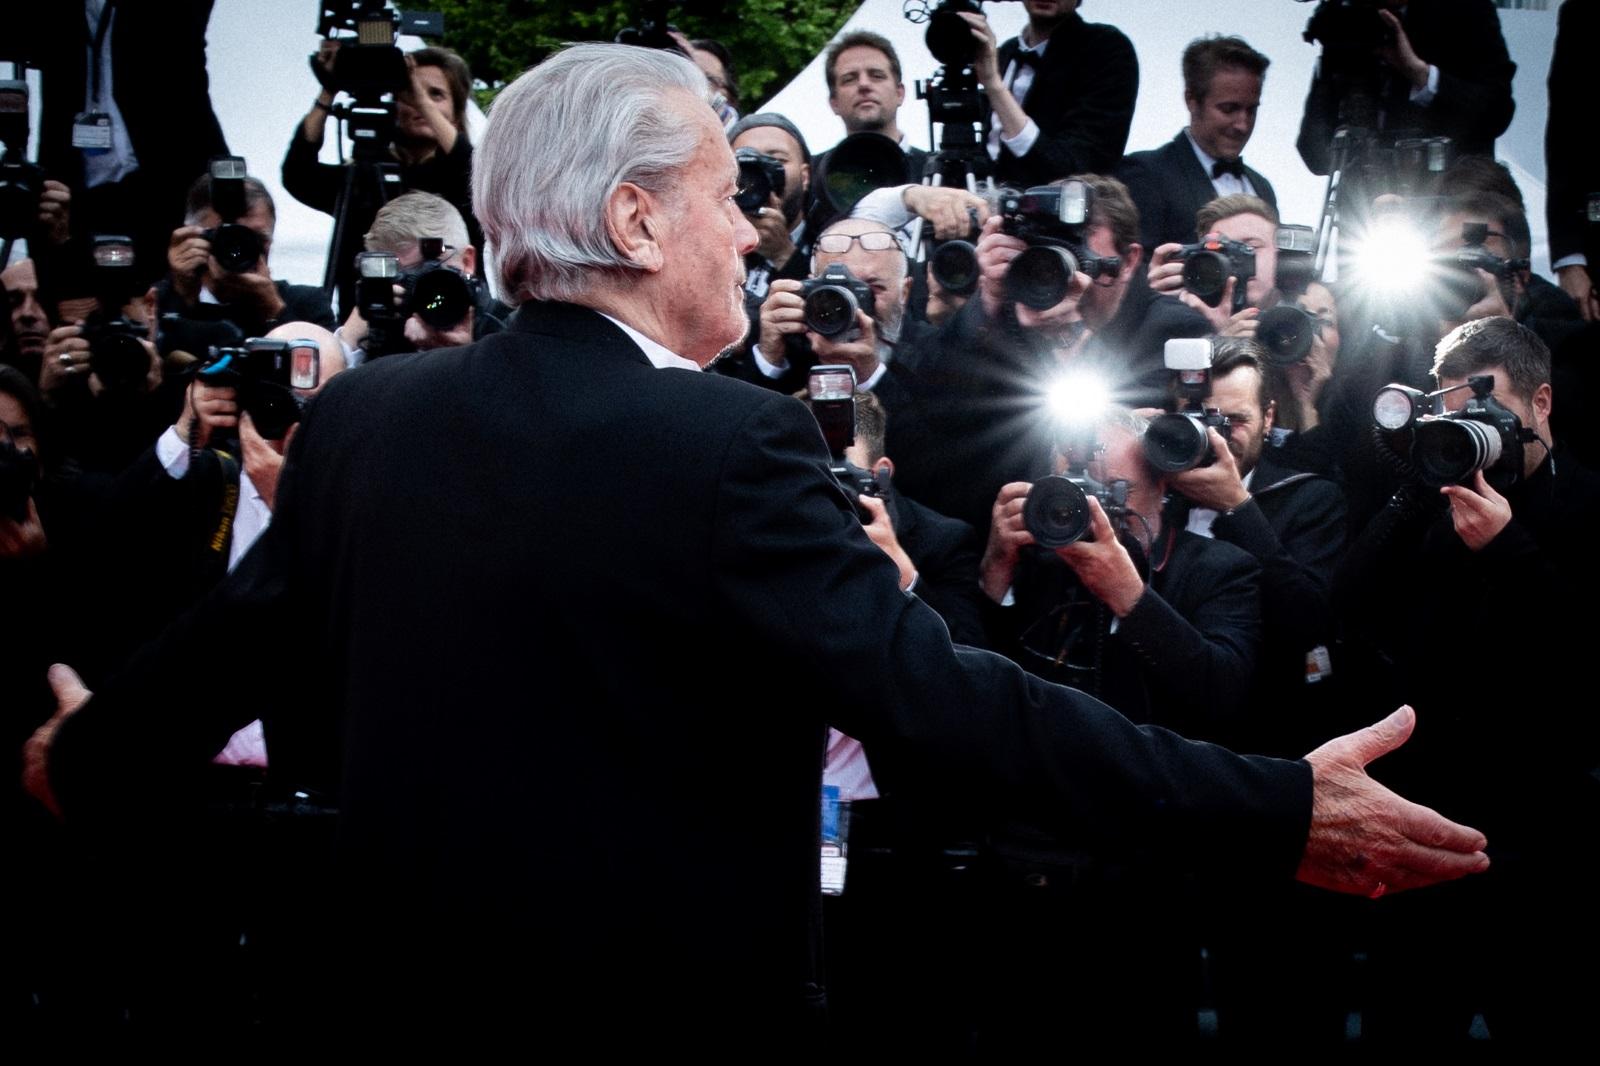 """Ален Делон получи почетната """"Златна палма"""" на кинофестивала в Кан. Легендата на френското кино бе удостоен с тази чест като признание за цялостното му творчество и работа. Филми с негово участие цели седем пъти са били включвани в конкурсната програма на кинофестивала досега, но той никога не е получавал награда, отбелязва агенция АФП."""